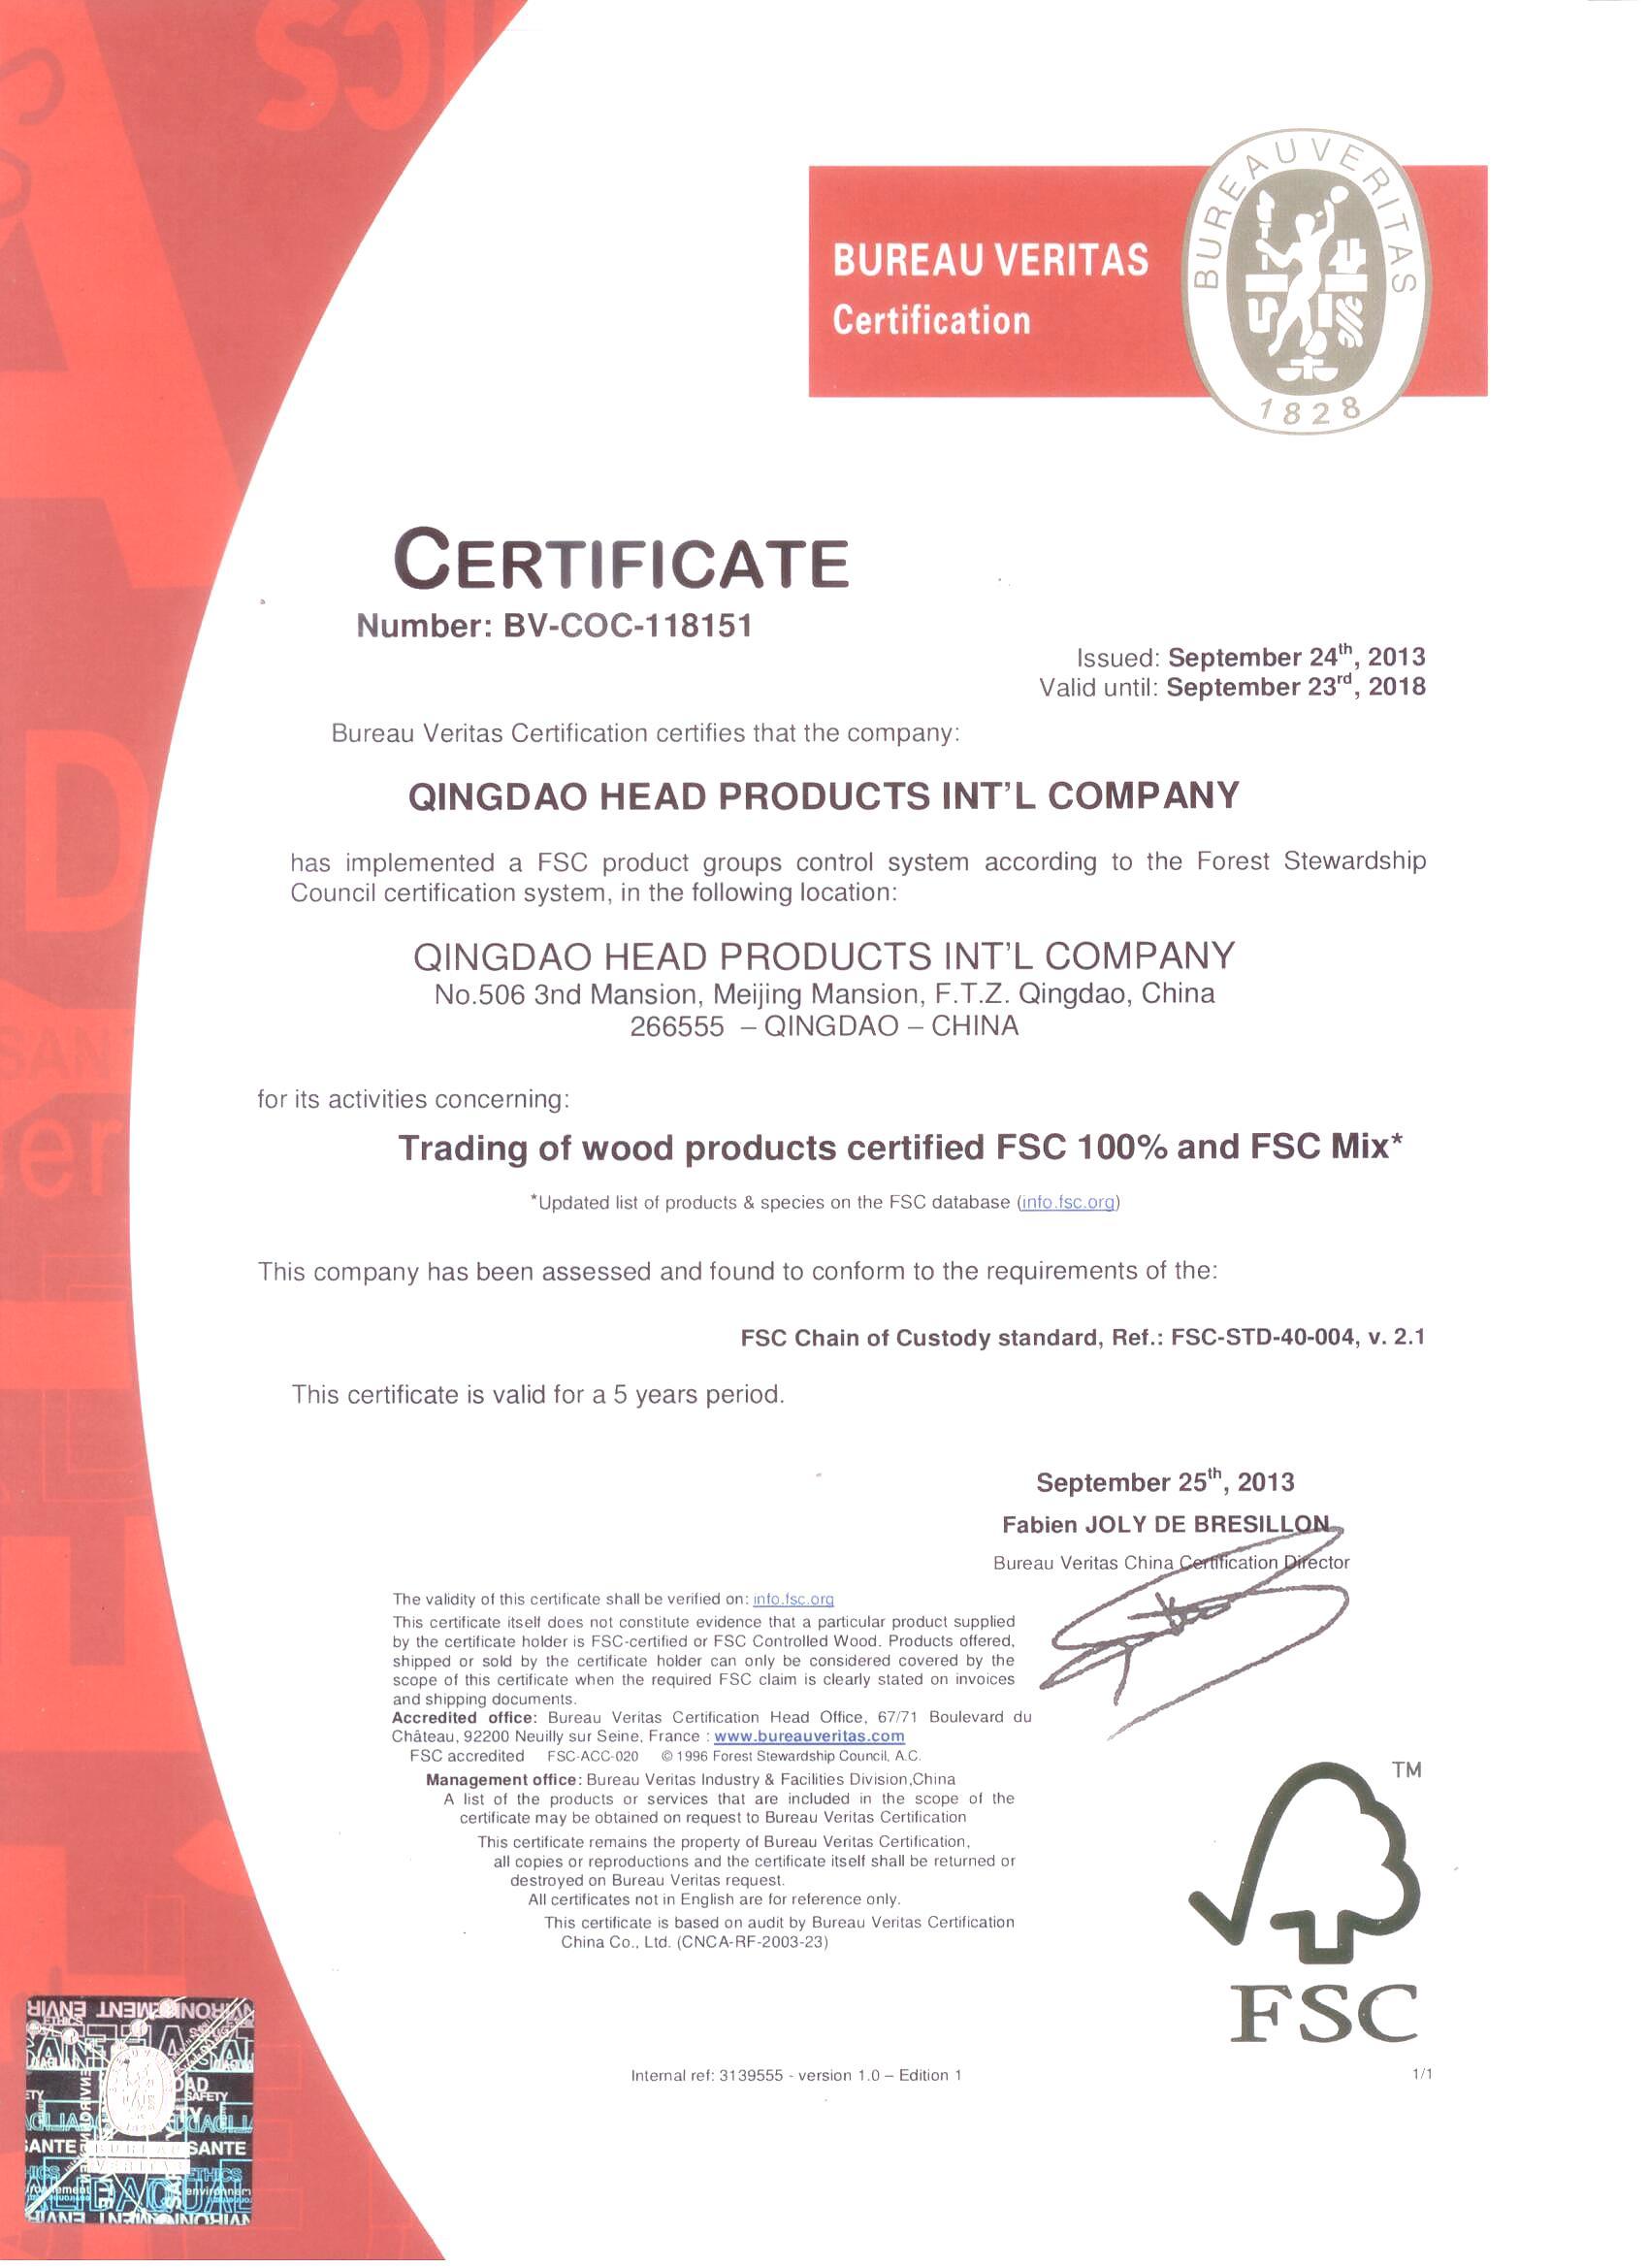 FSC certificat